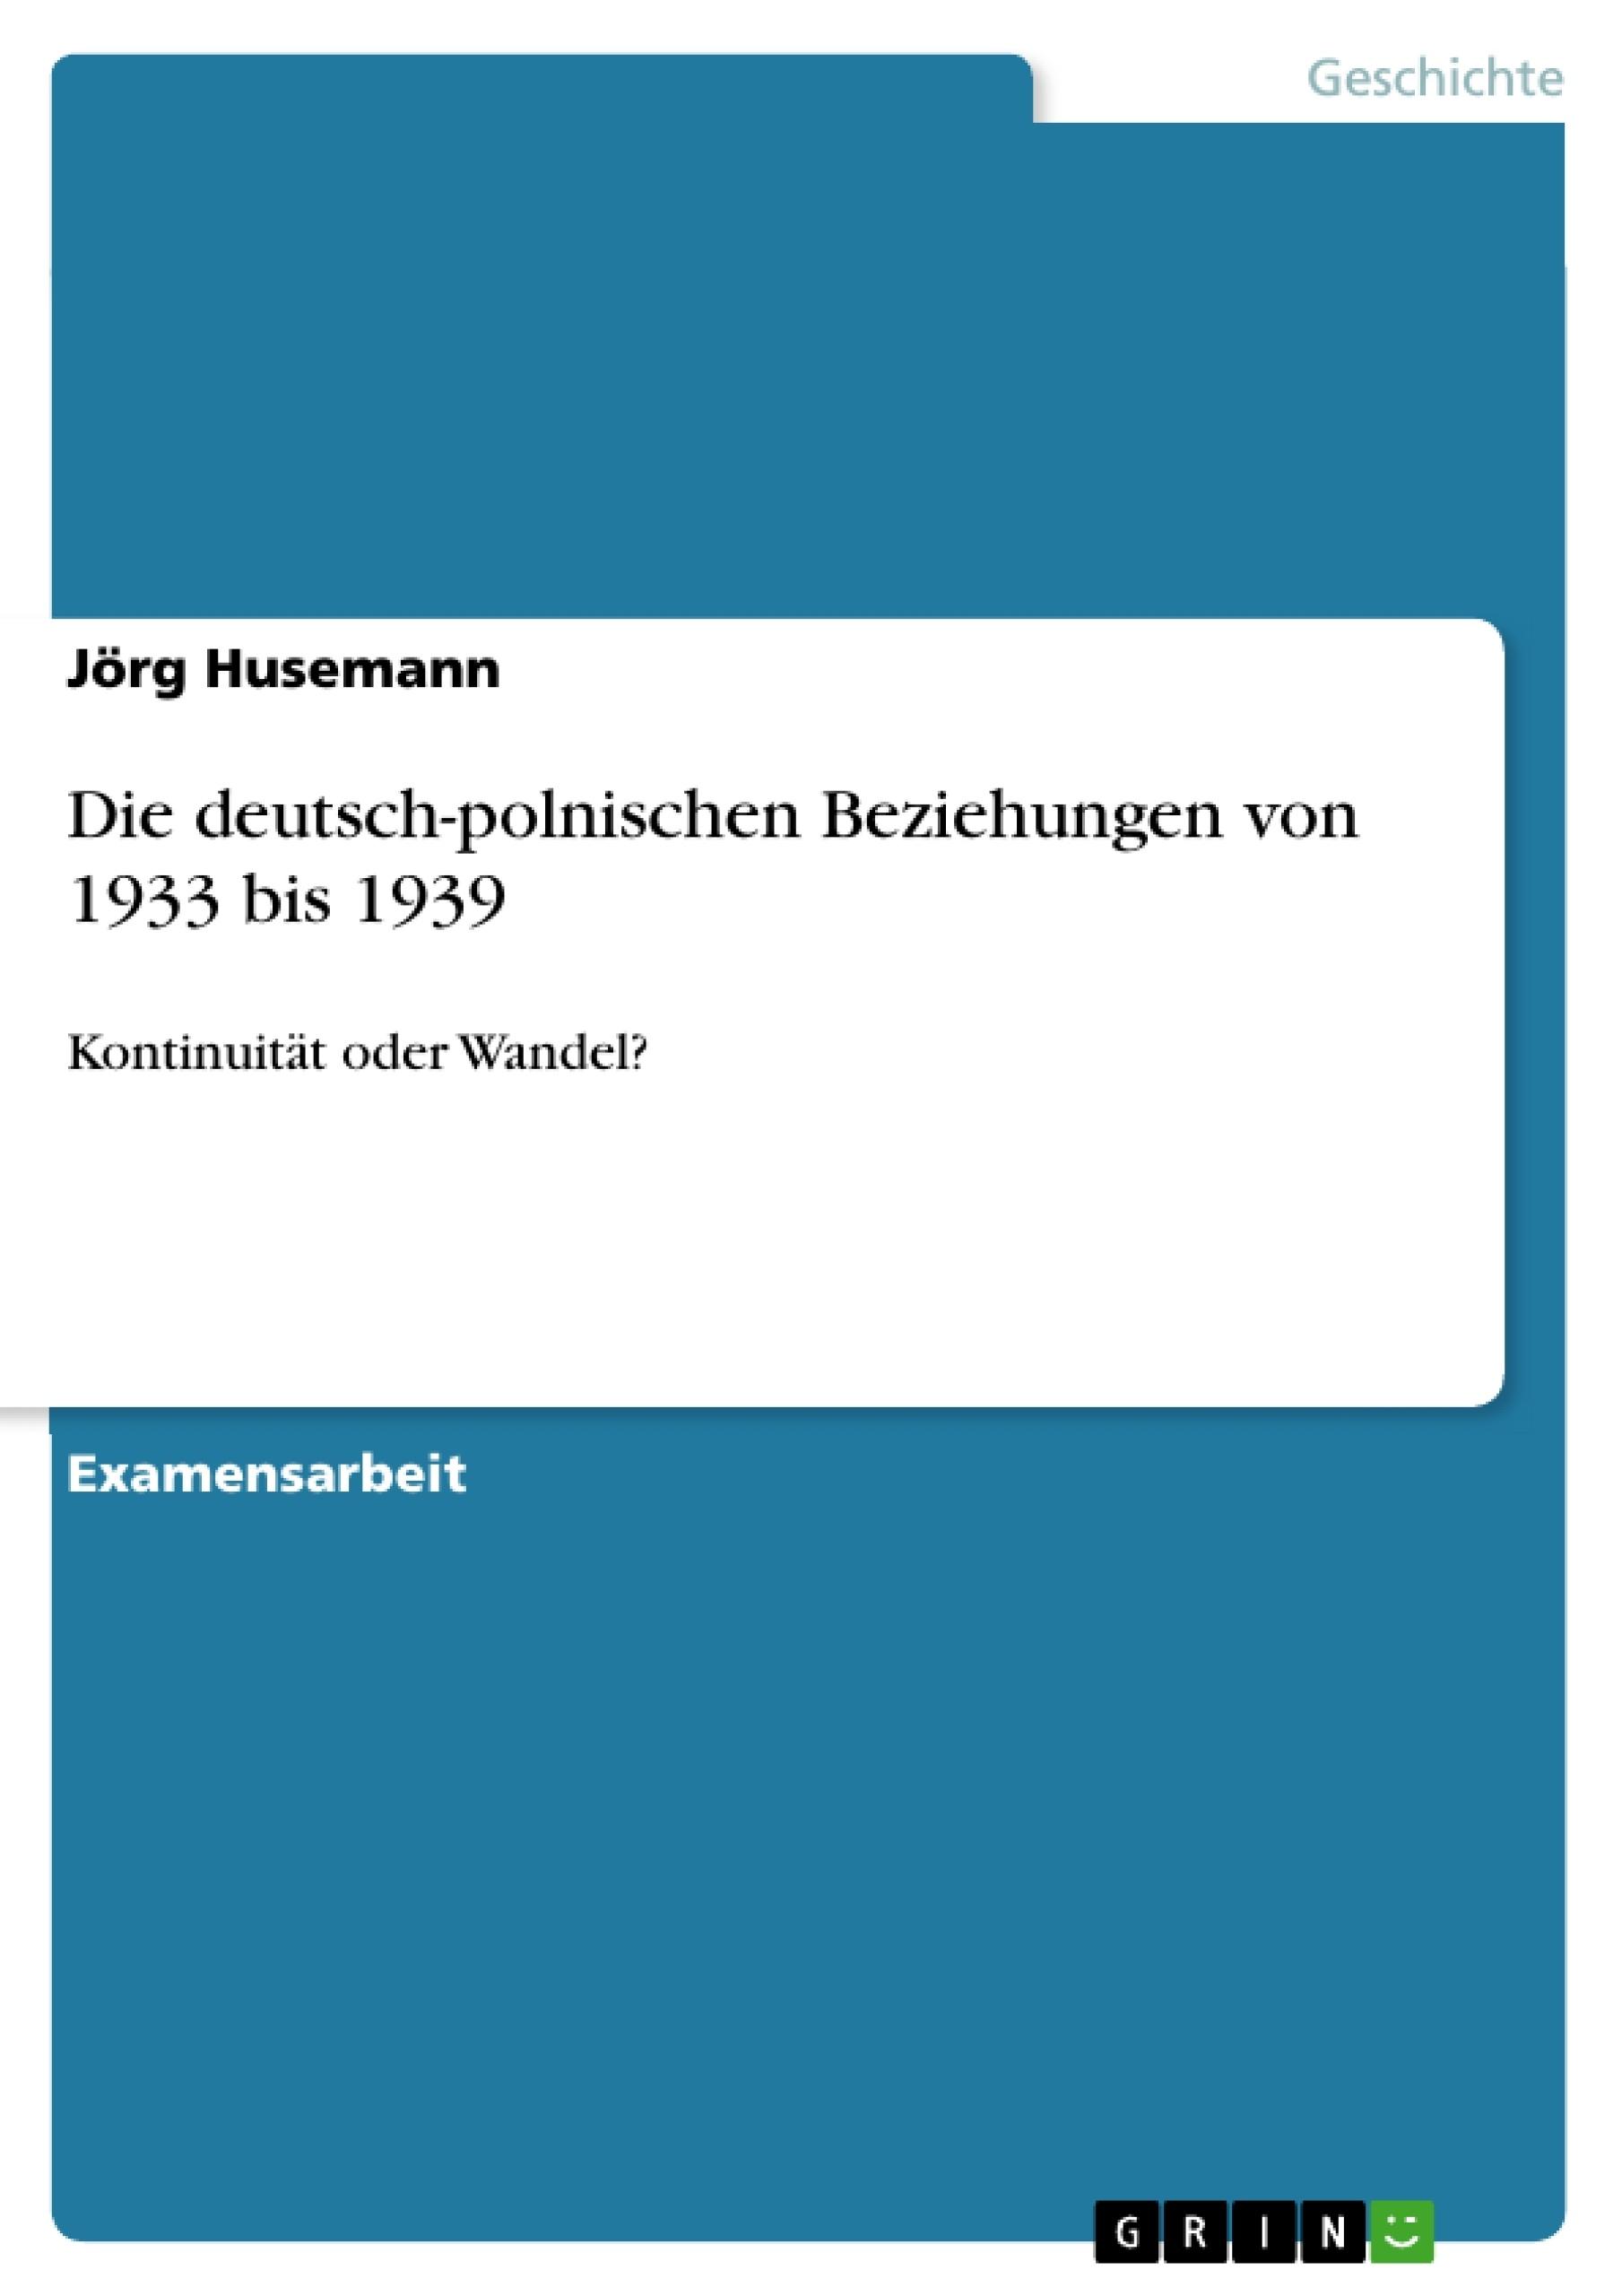 Titel: Die deutsch-polnischen Beziehungen von 1933 bis 1939